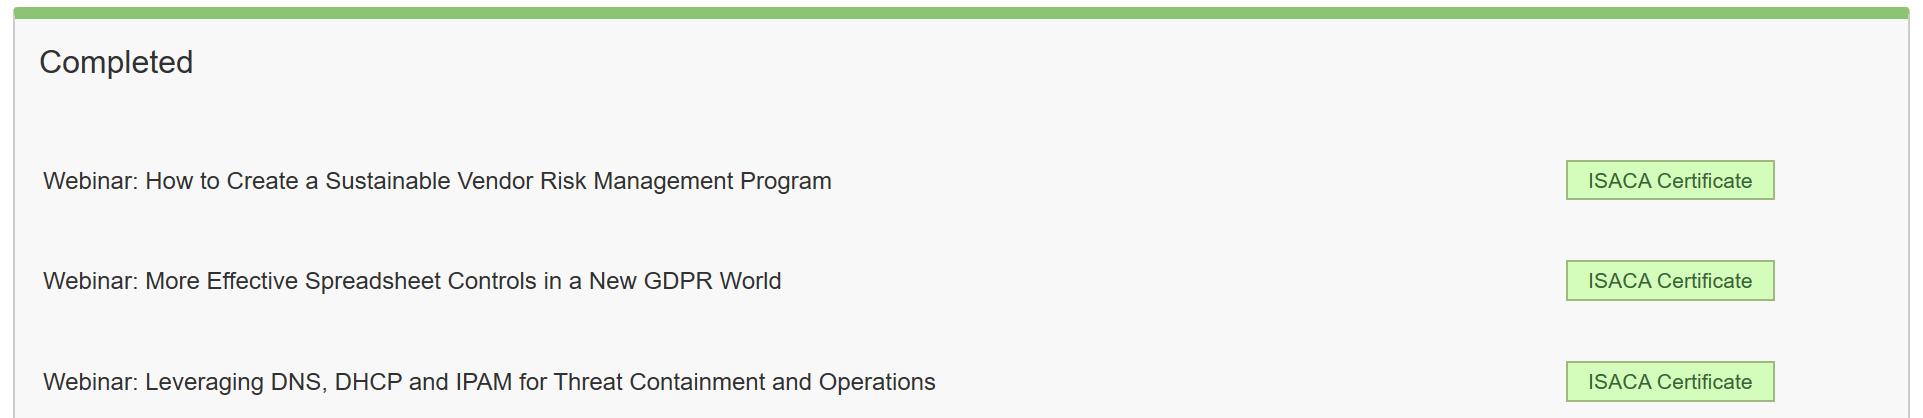 Получение CPE для поддержания профессиональных сертификаций (на примере ISACA) - 9